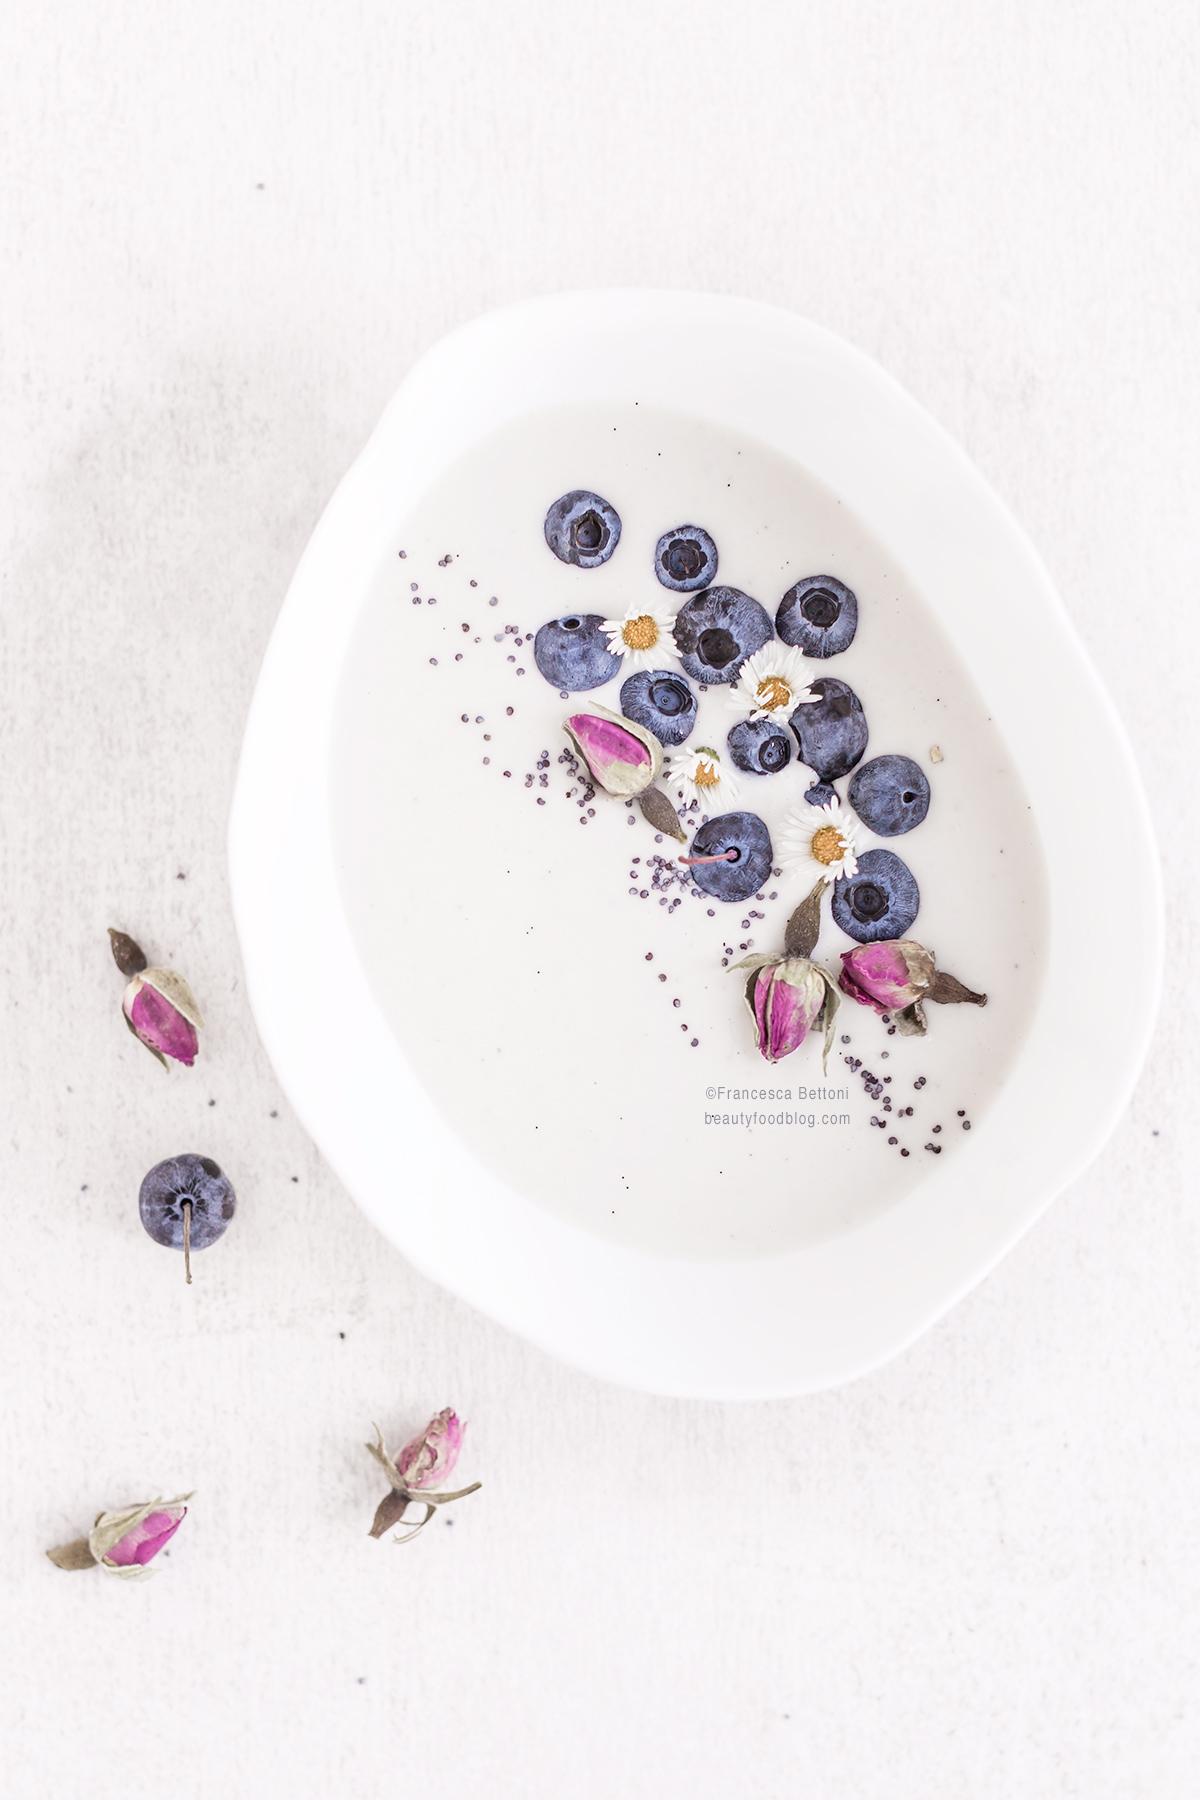 easy homemade vegan yogurt recipe - how to make homemade vegan cashew yogurt - ricetta yogurt vegan fatto in casa senza yogurtiera raw agli anacardi o mandorle